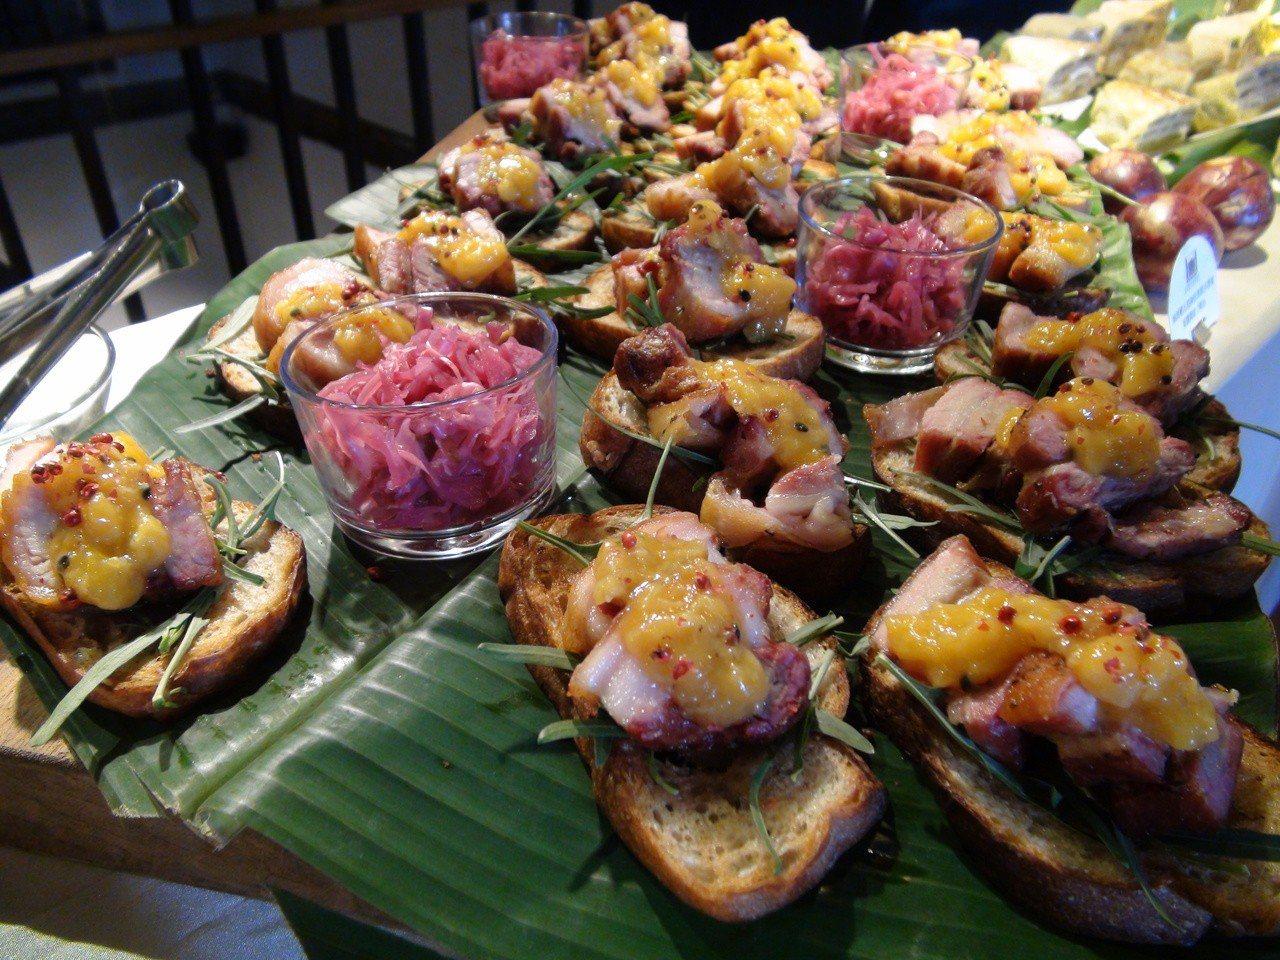 高雄市農業局今天宣布高雄市有5家度綠色友善餐廳推出夏季限定餐點,以香蕉為主題的創...